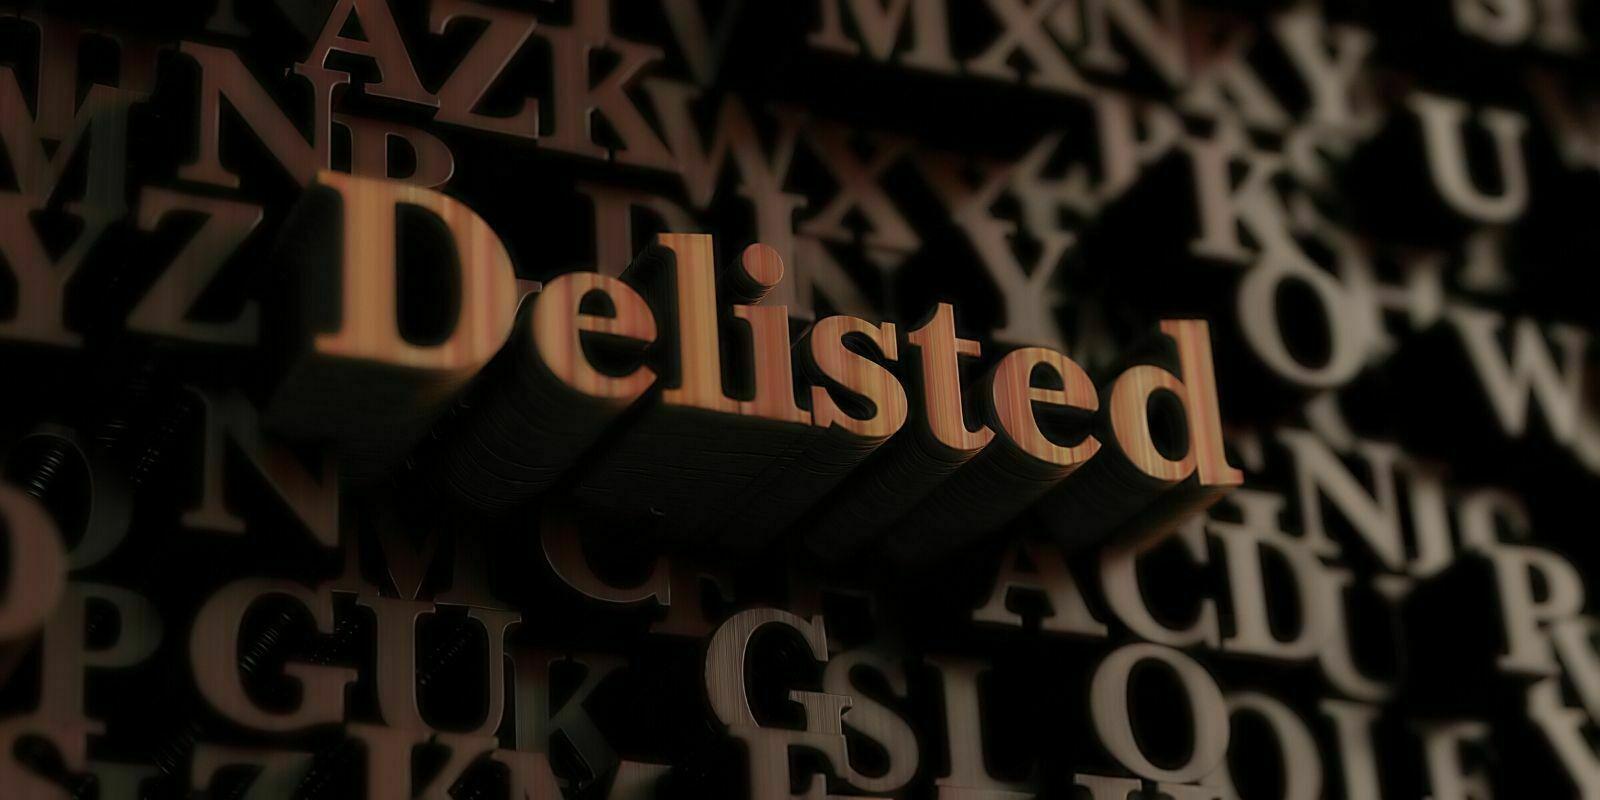 Poloniex déliste le DigiByte après que le fondateur du projet ait critiqué TRON